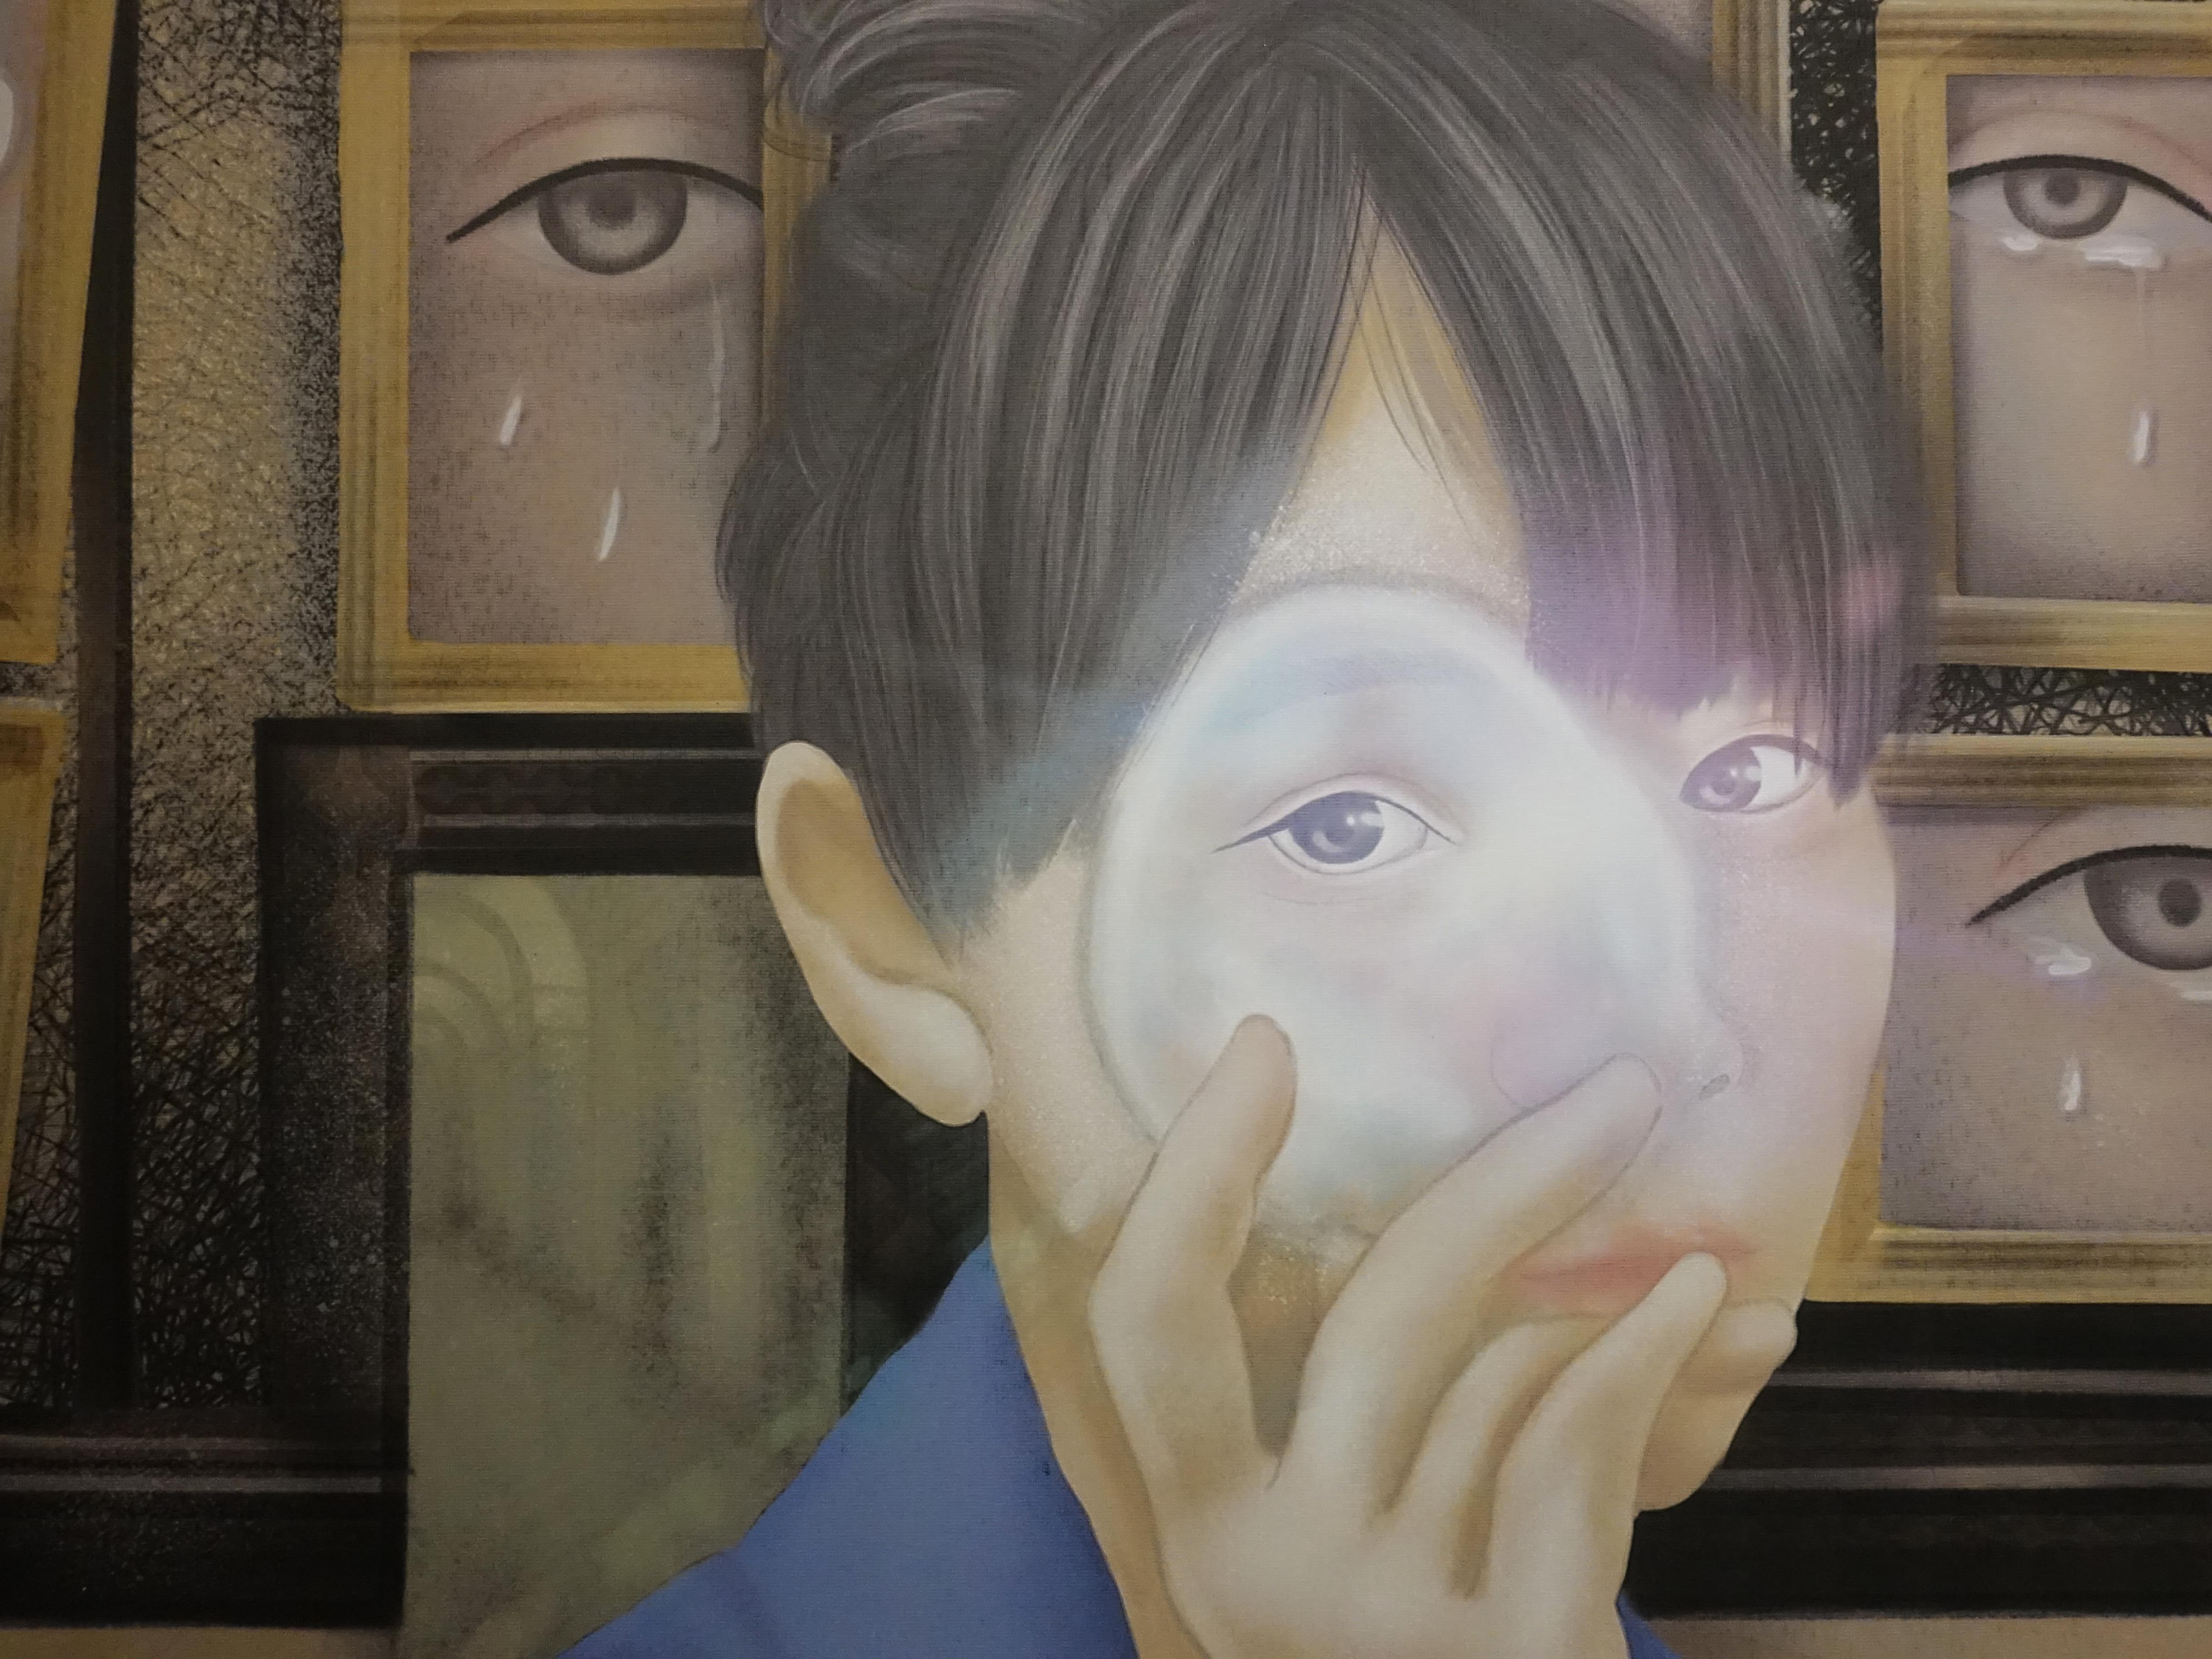 連師屏,《不存在的悲傷》細節,數位繪圖,50 x 50 cm 1/10,2019。